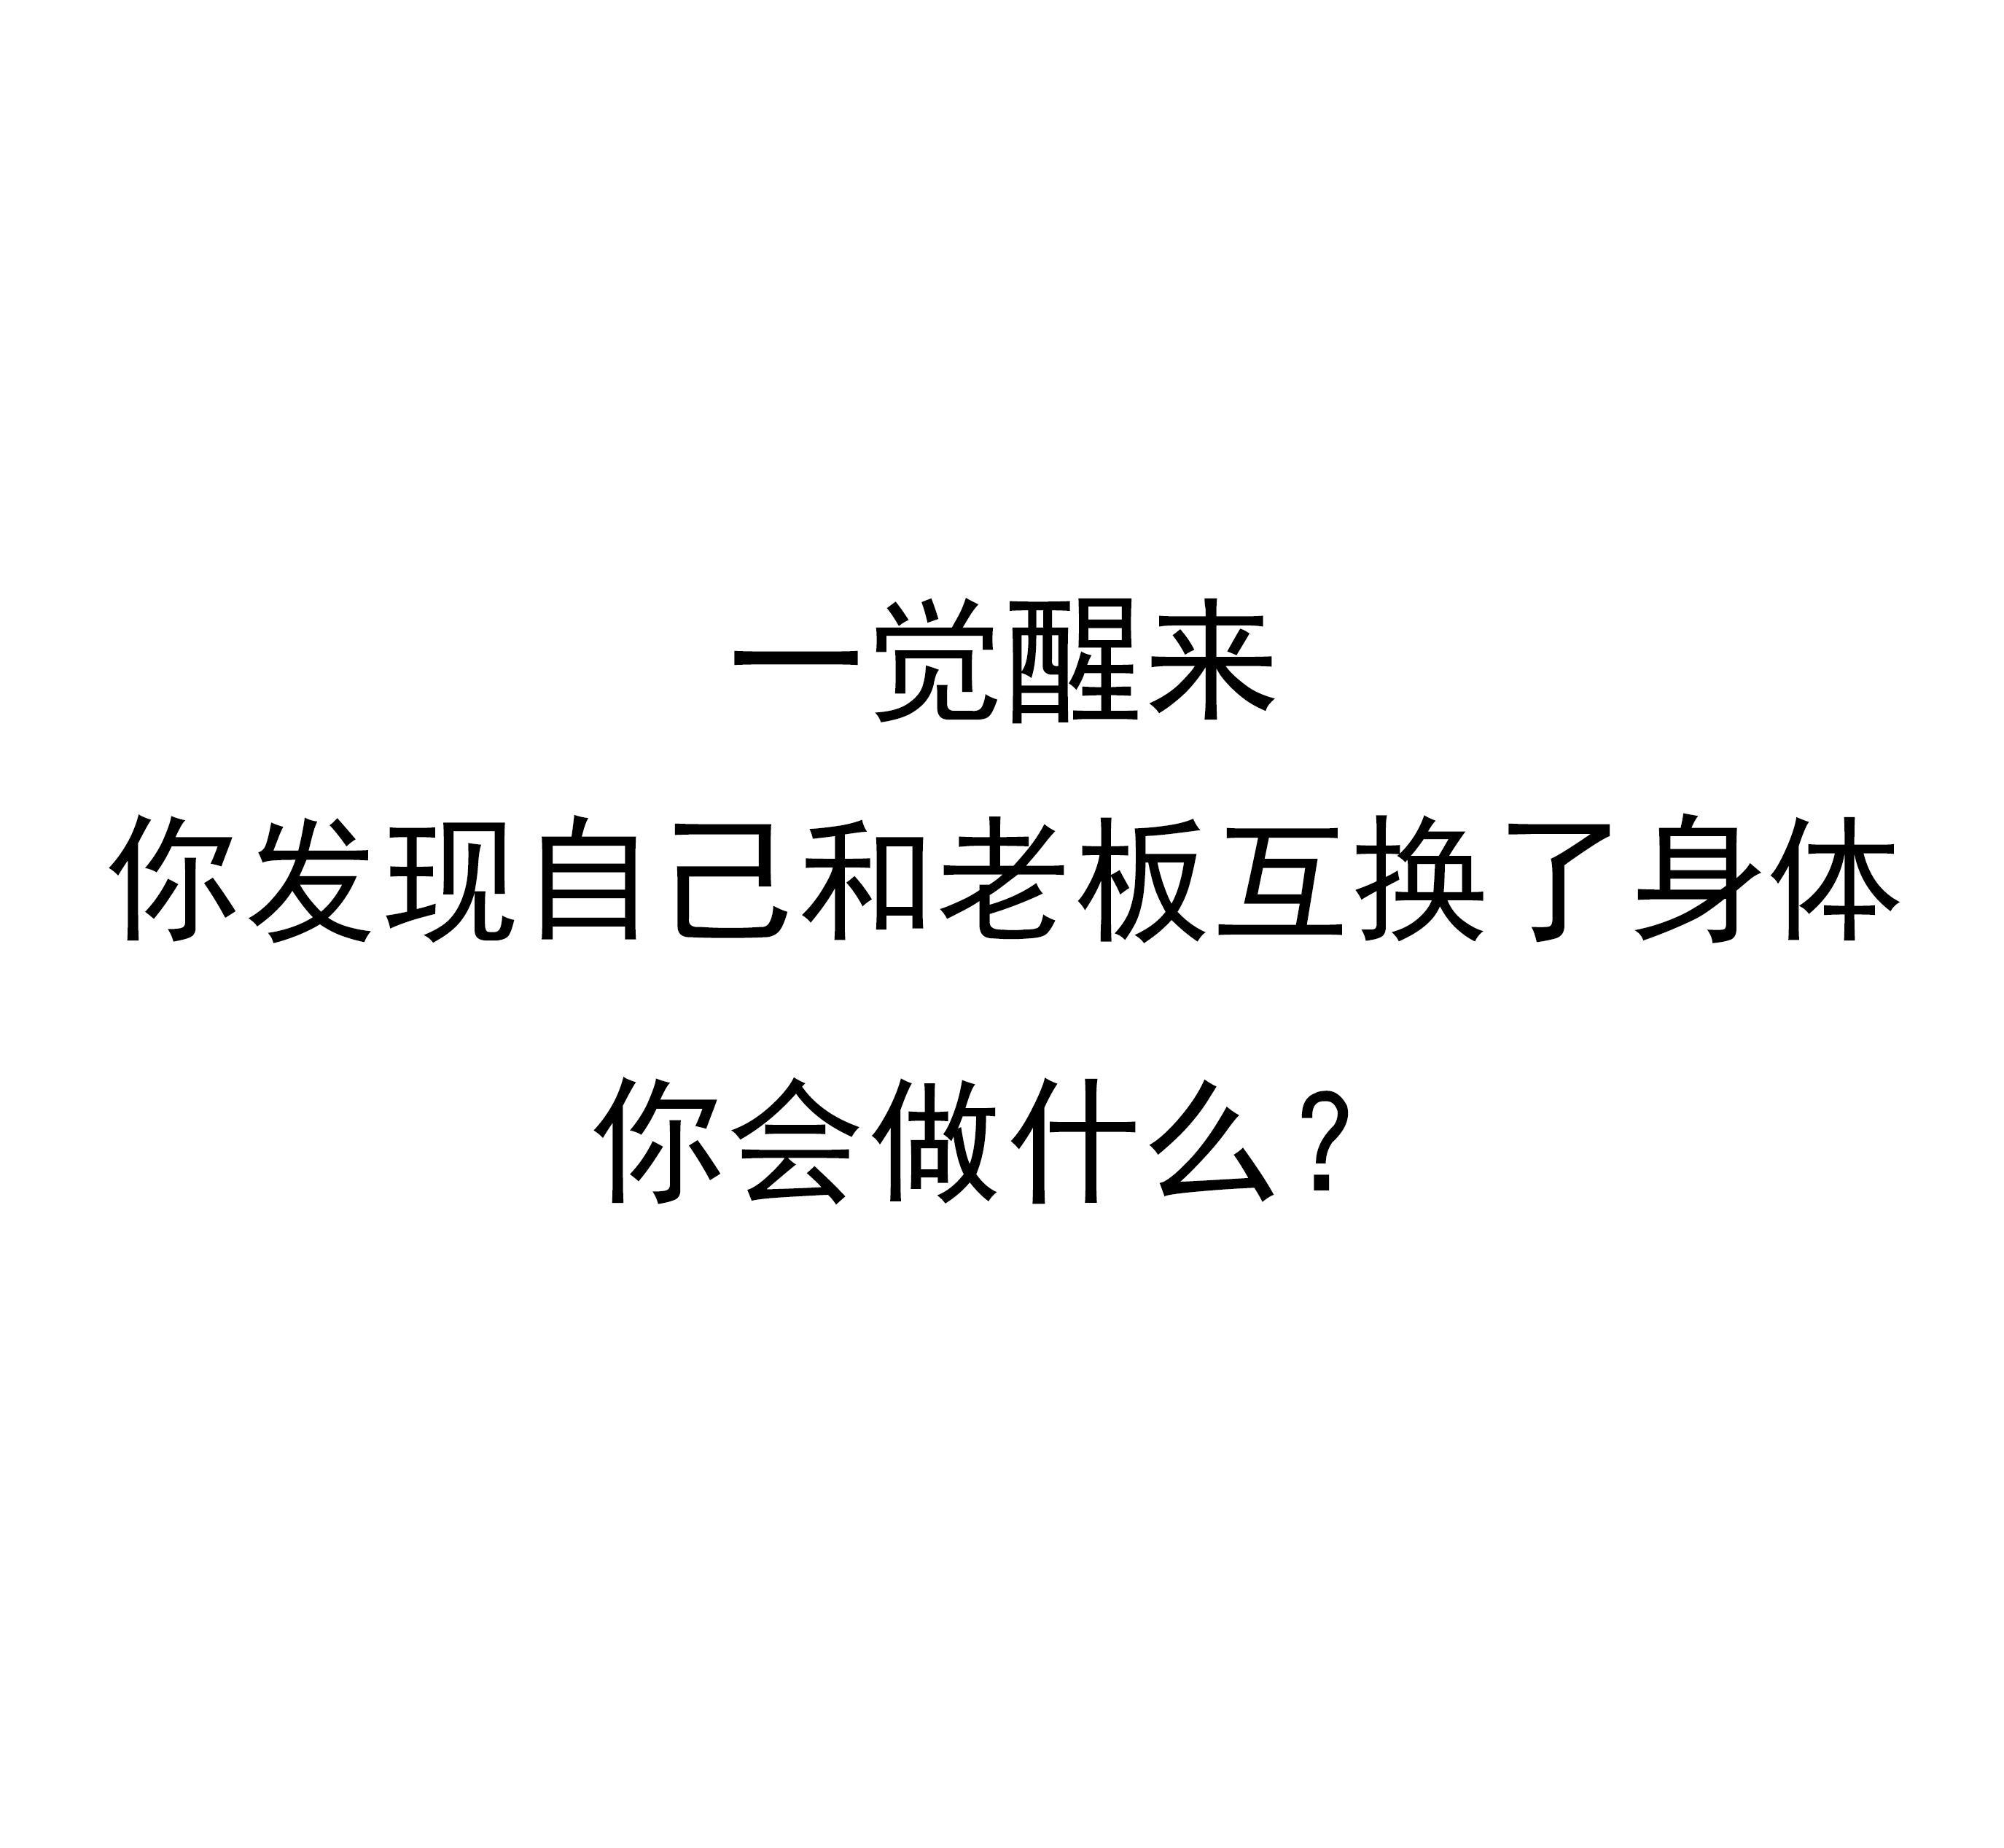 秋子老师看10.12后半段